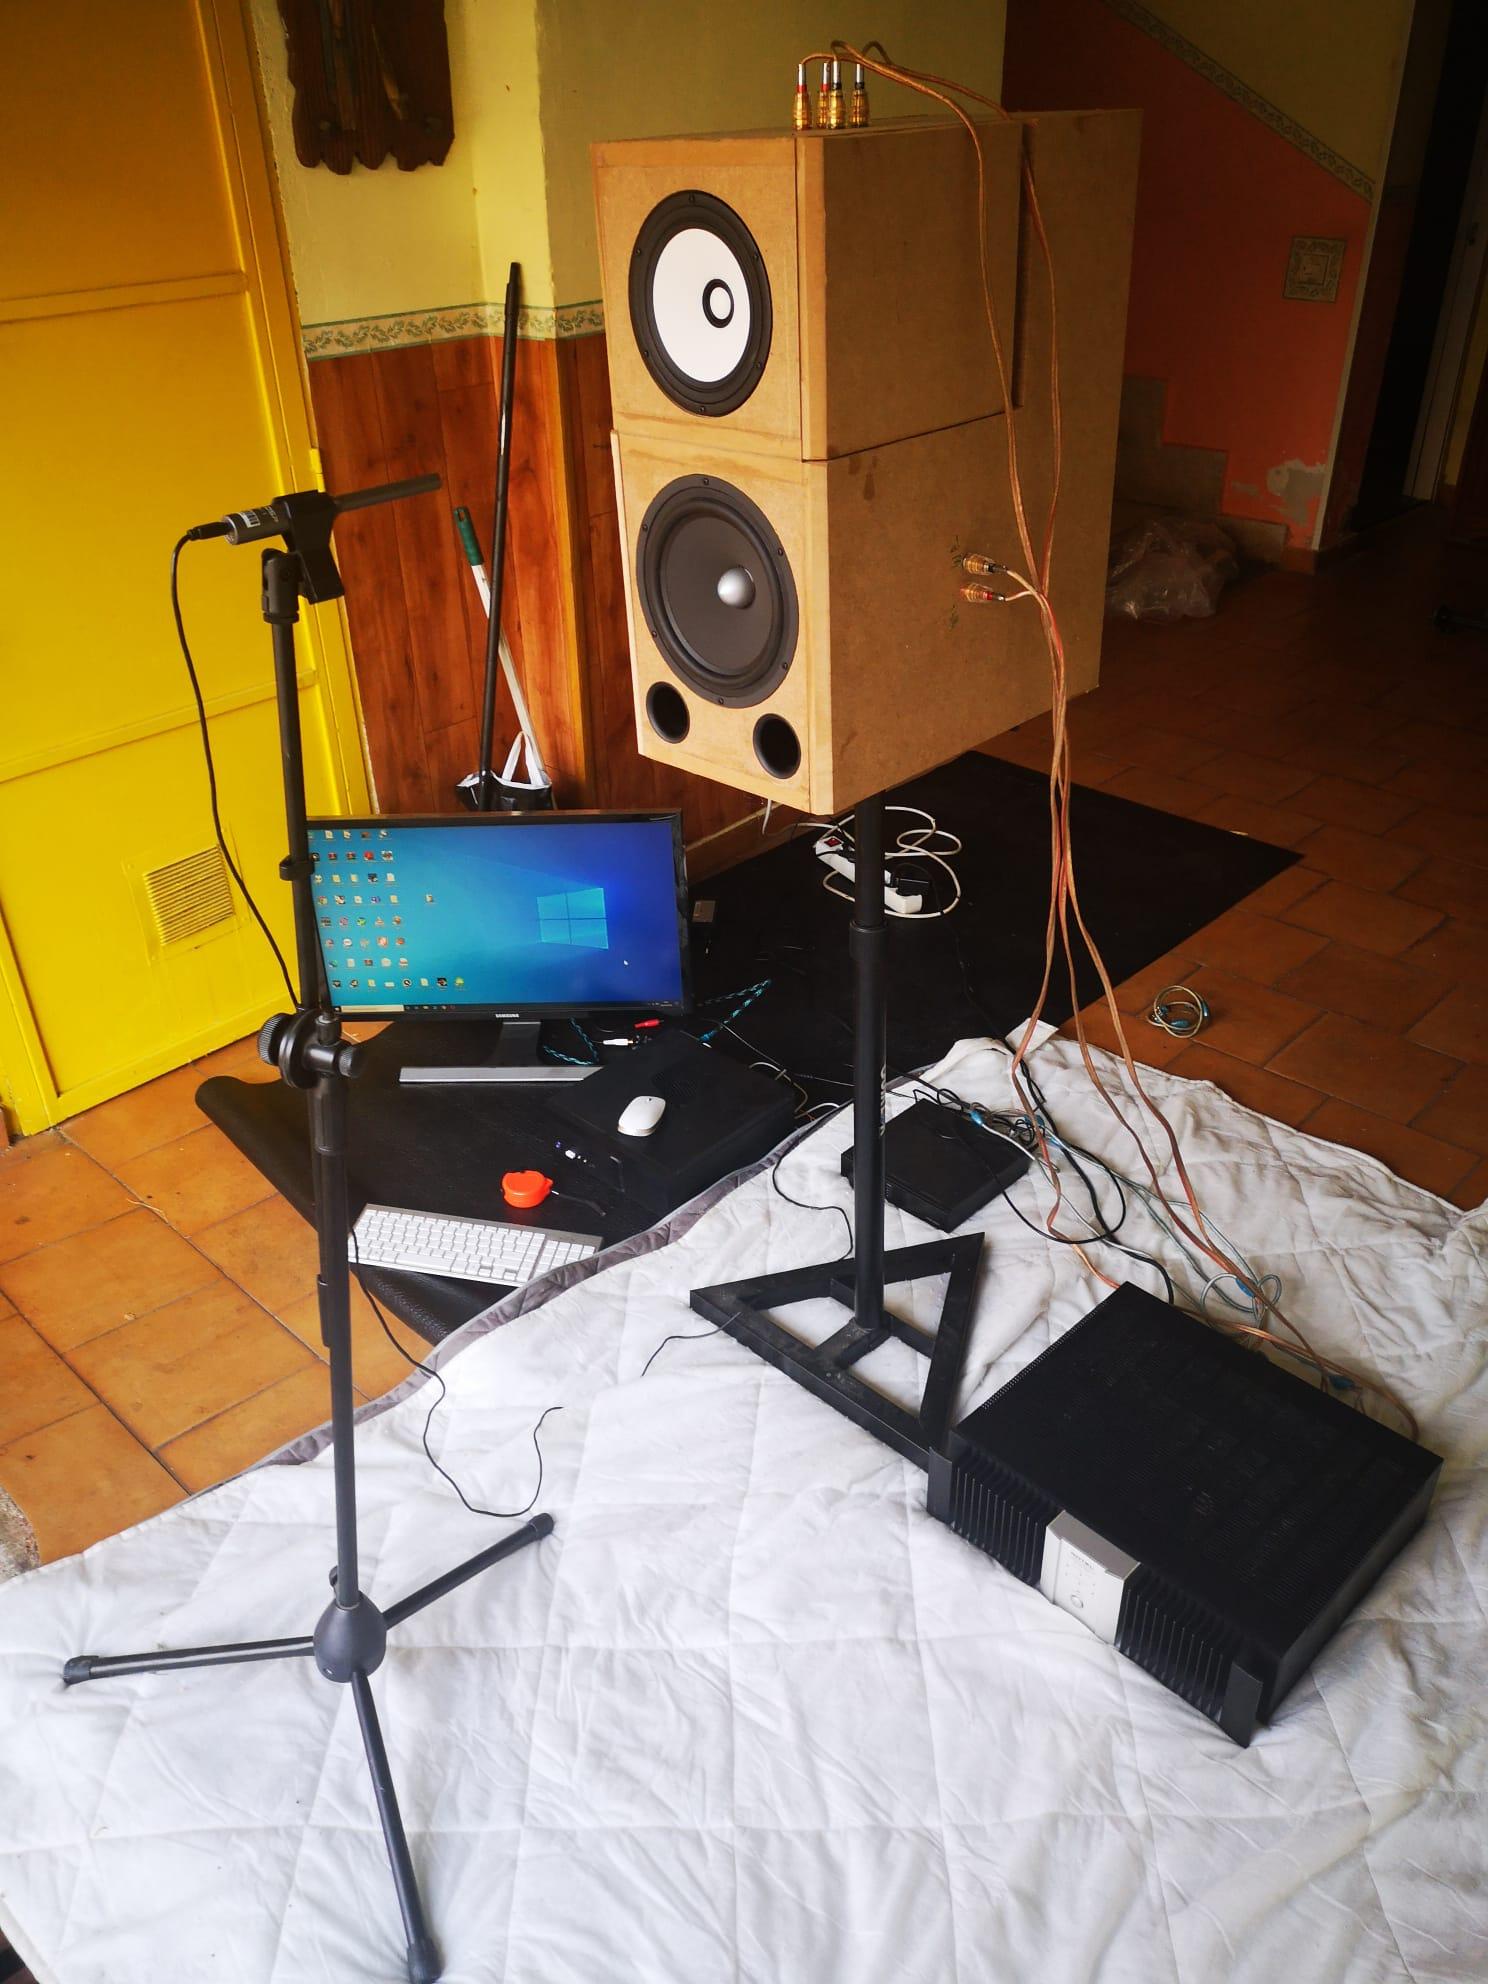 """Proyecto de monitores de """"escritorio"""" E66a6953-fa54-4585-a881-fa0bbc33859a"""